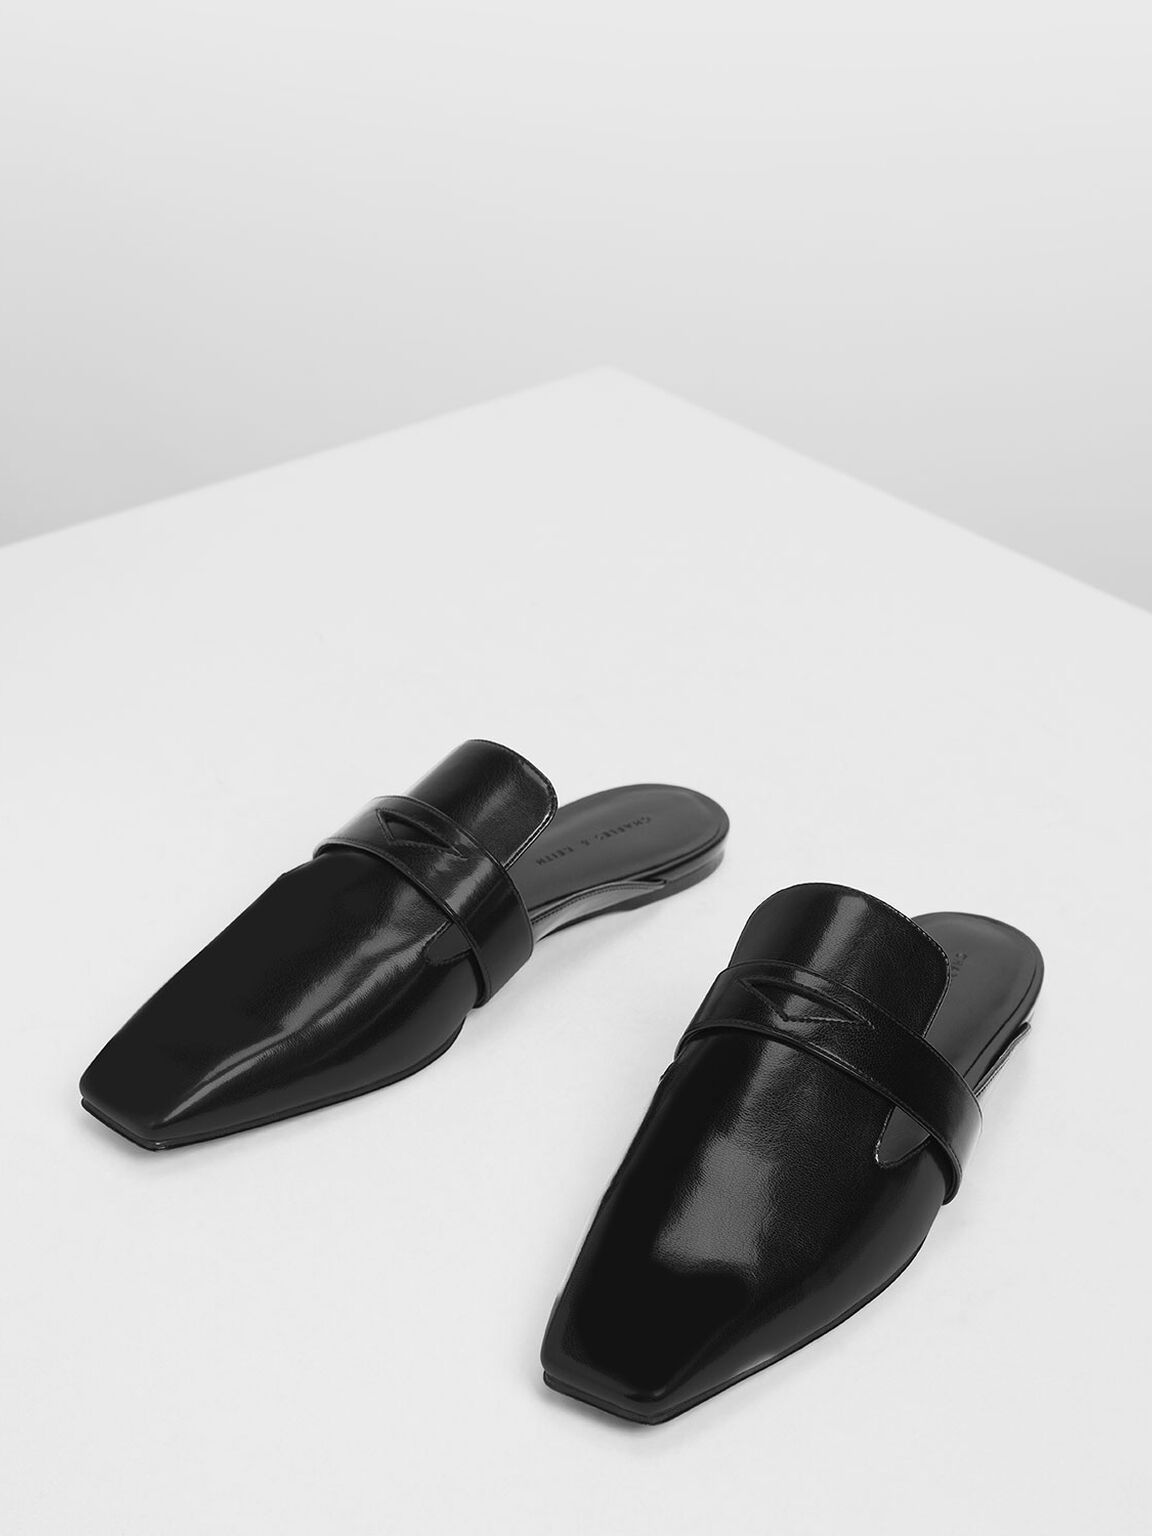 Penny Loafer Mules, Black, hi-res